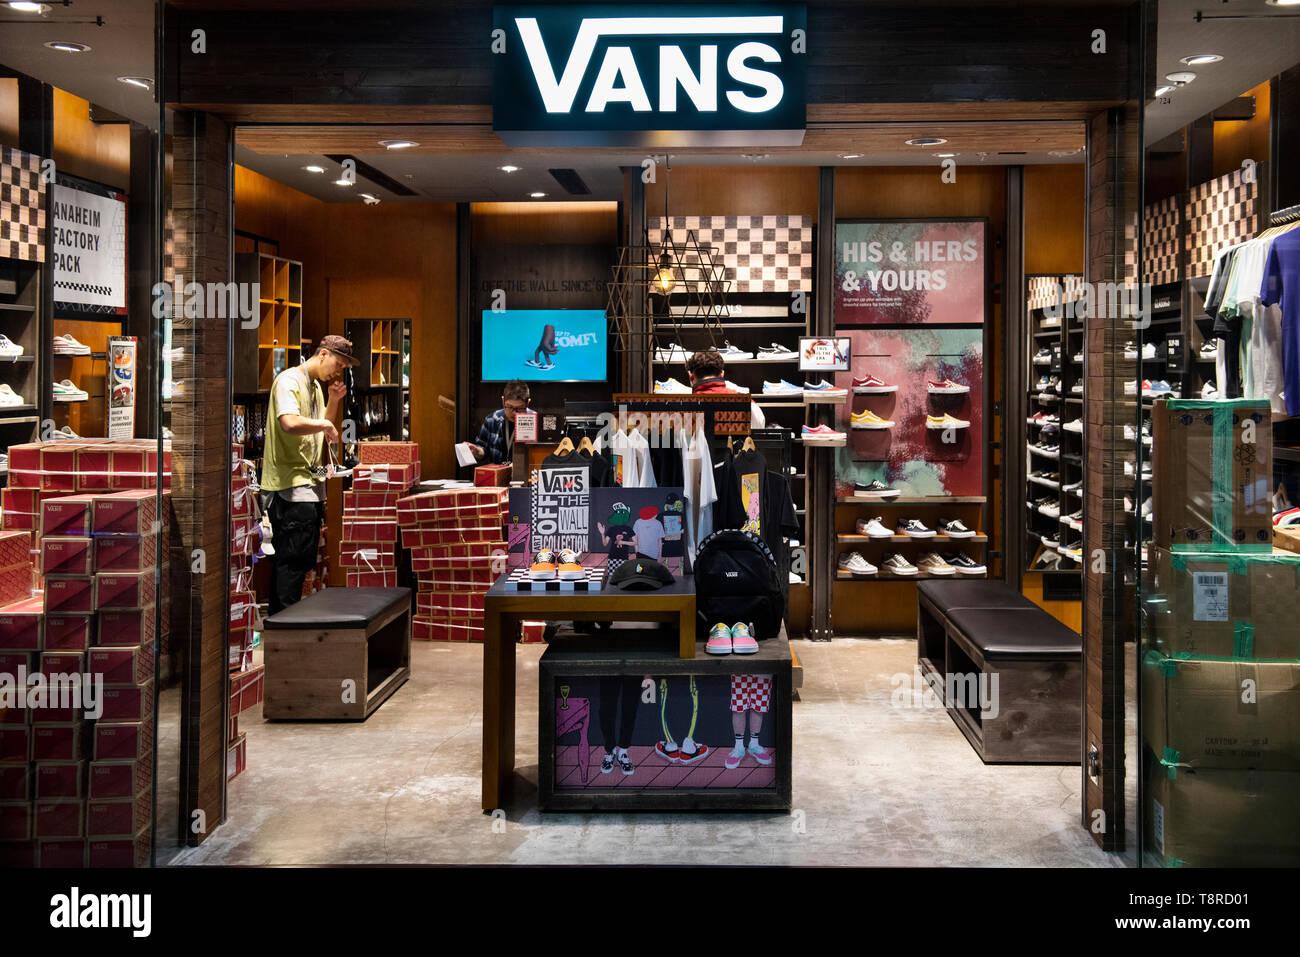 Vans Store Banque d'image et photos - Alamy